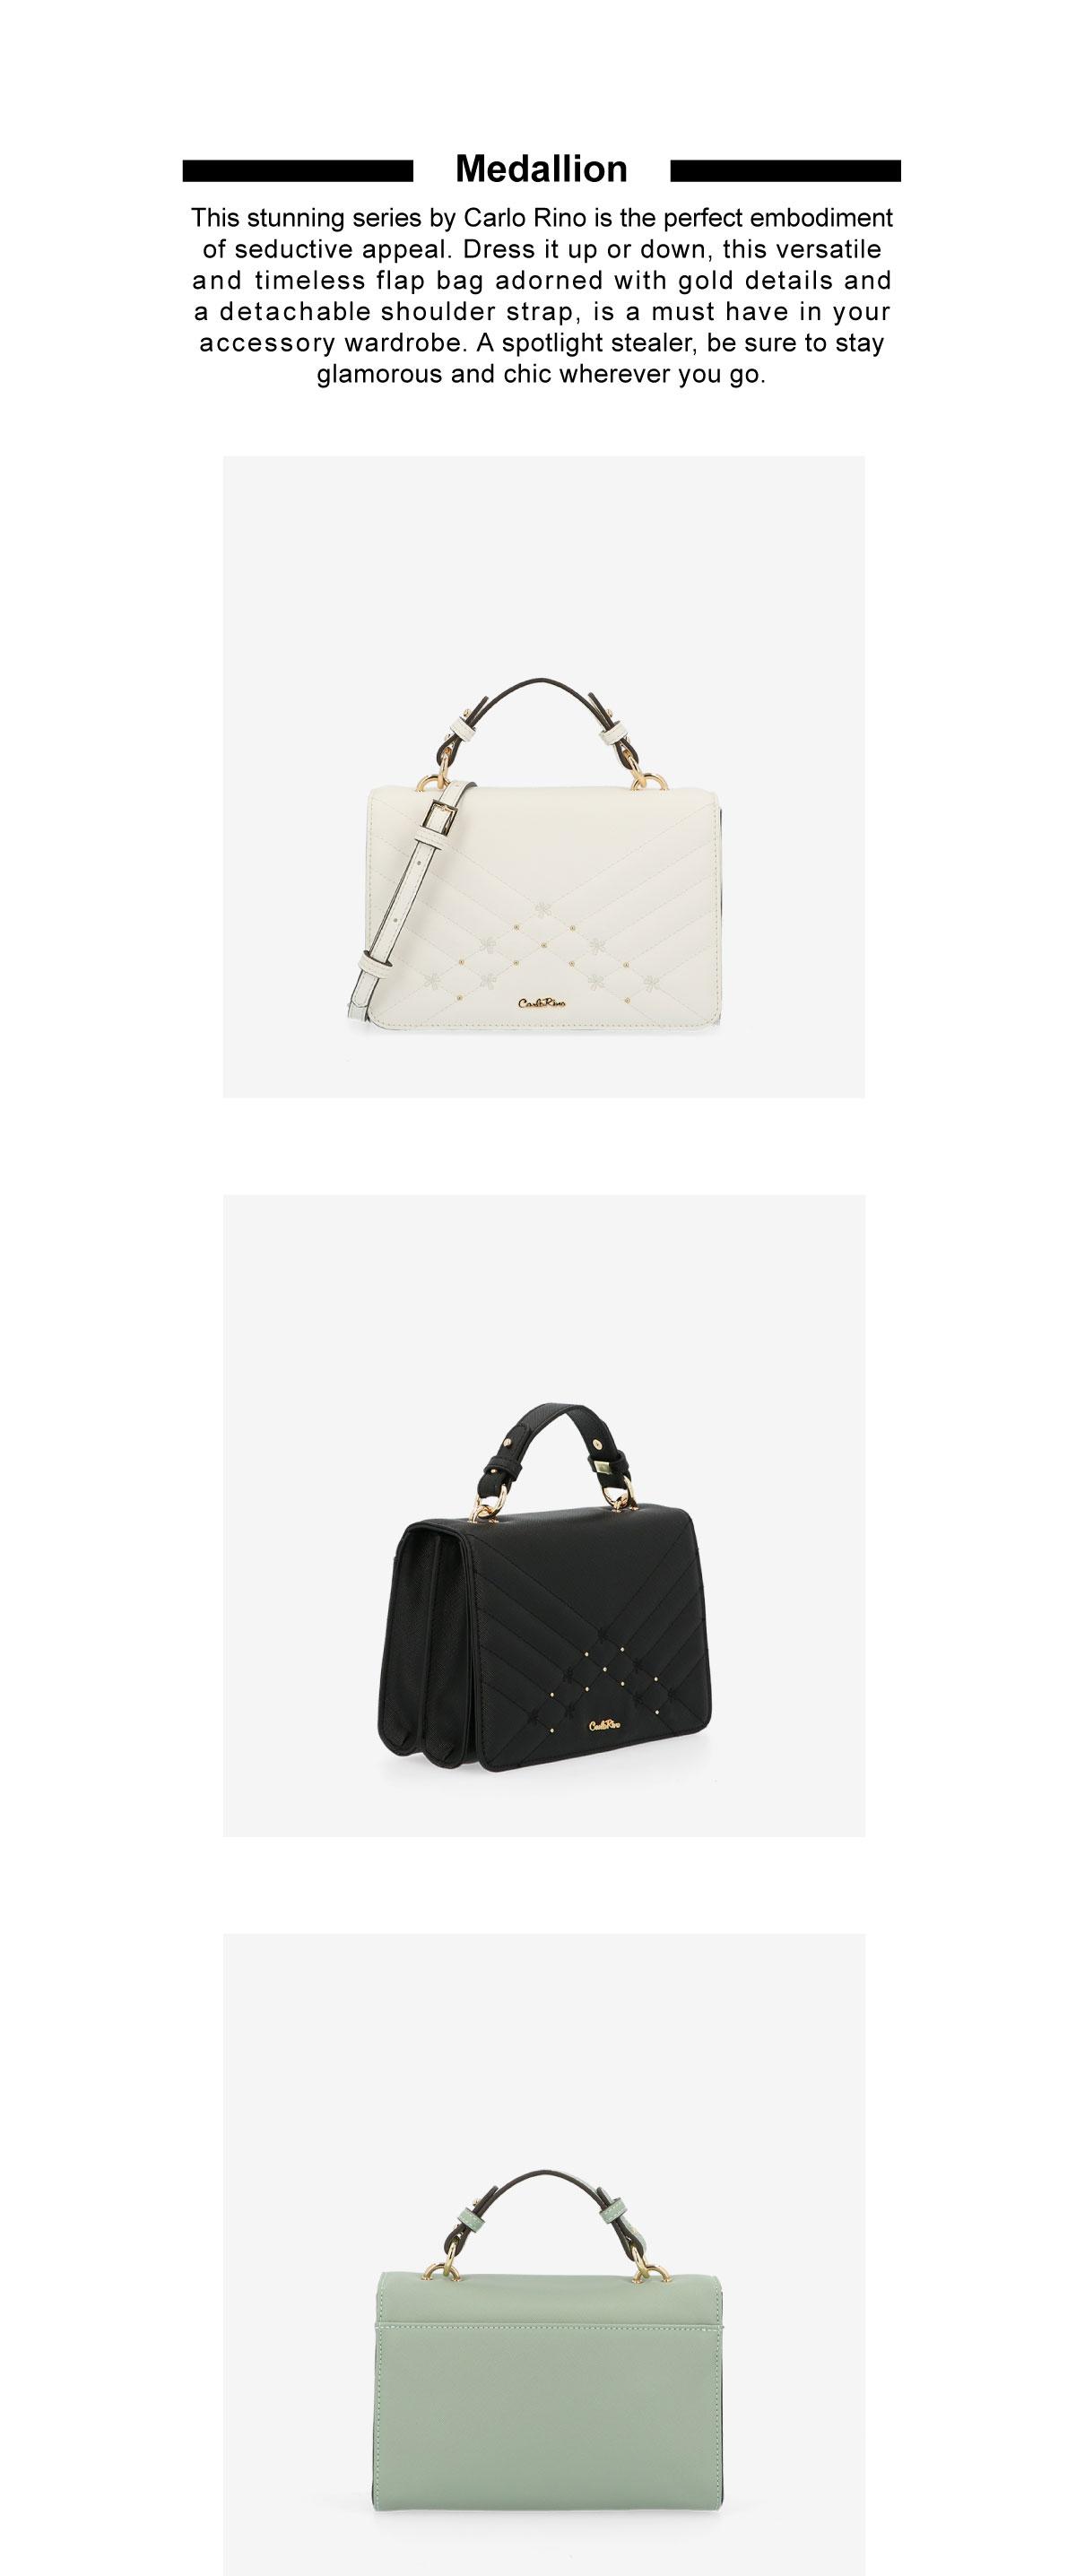 0305058K 002 2 1 - Medallion Top Handle Bag